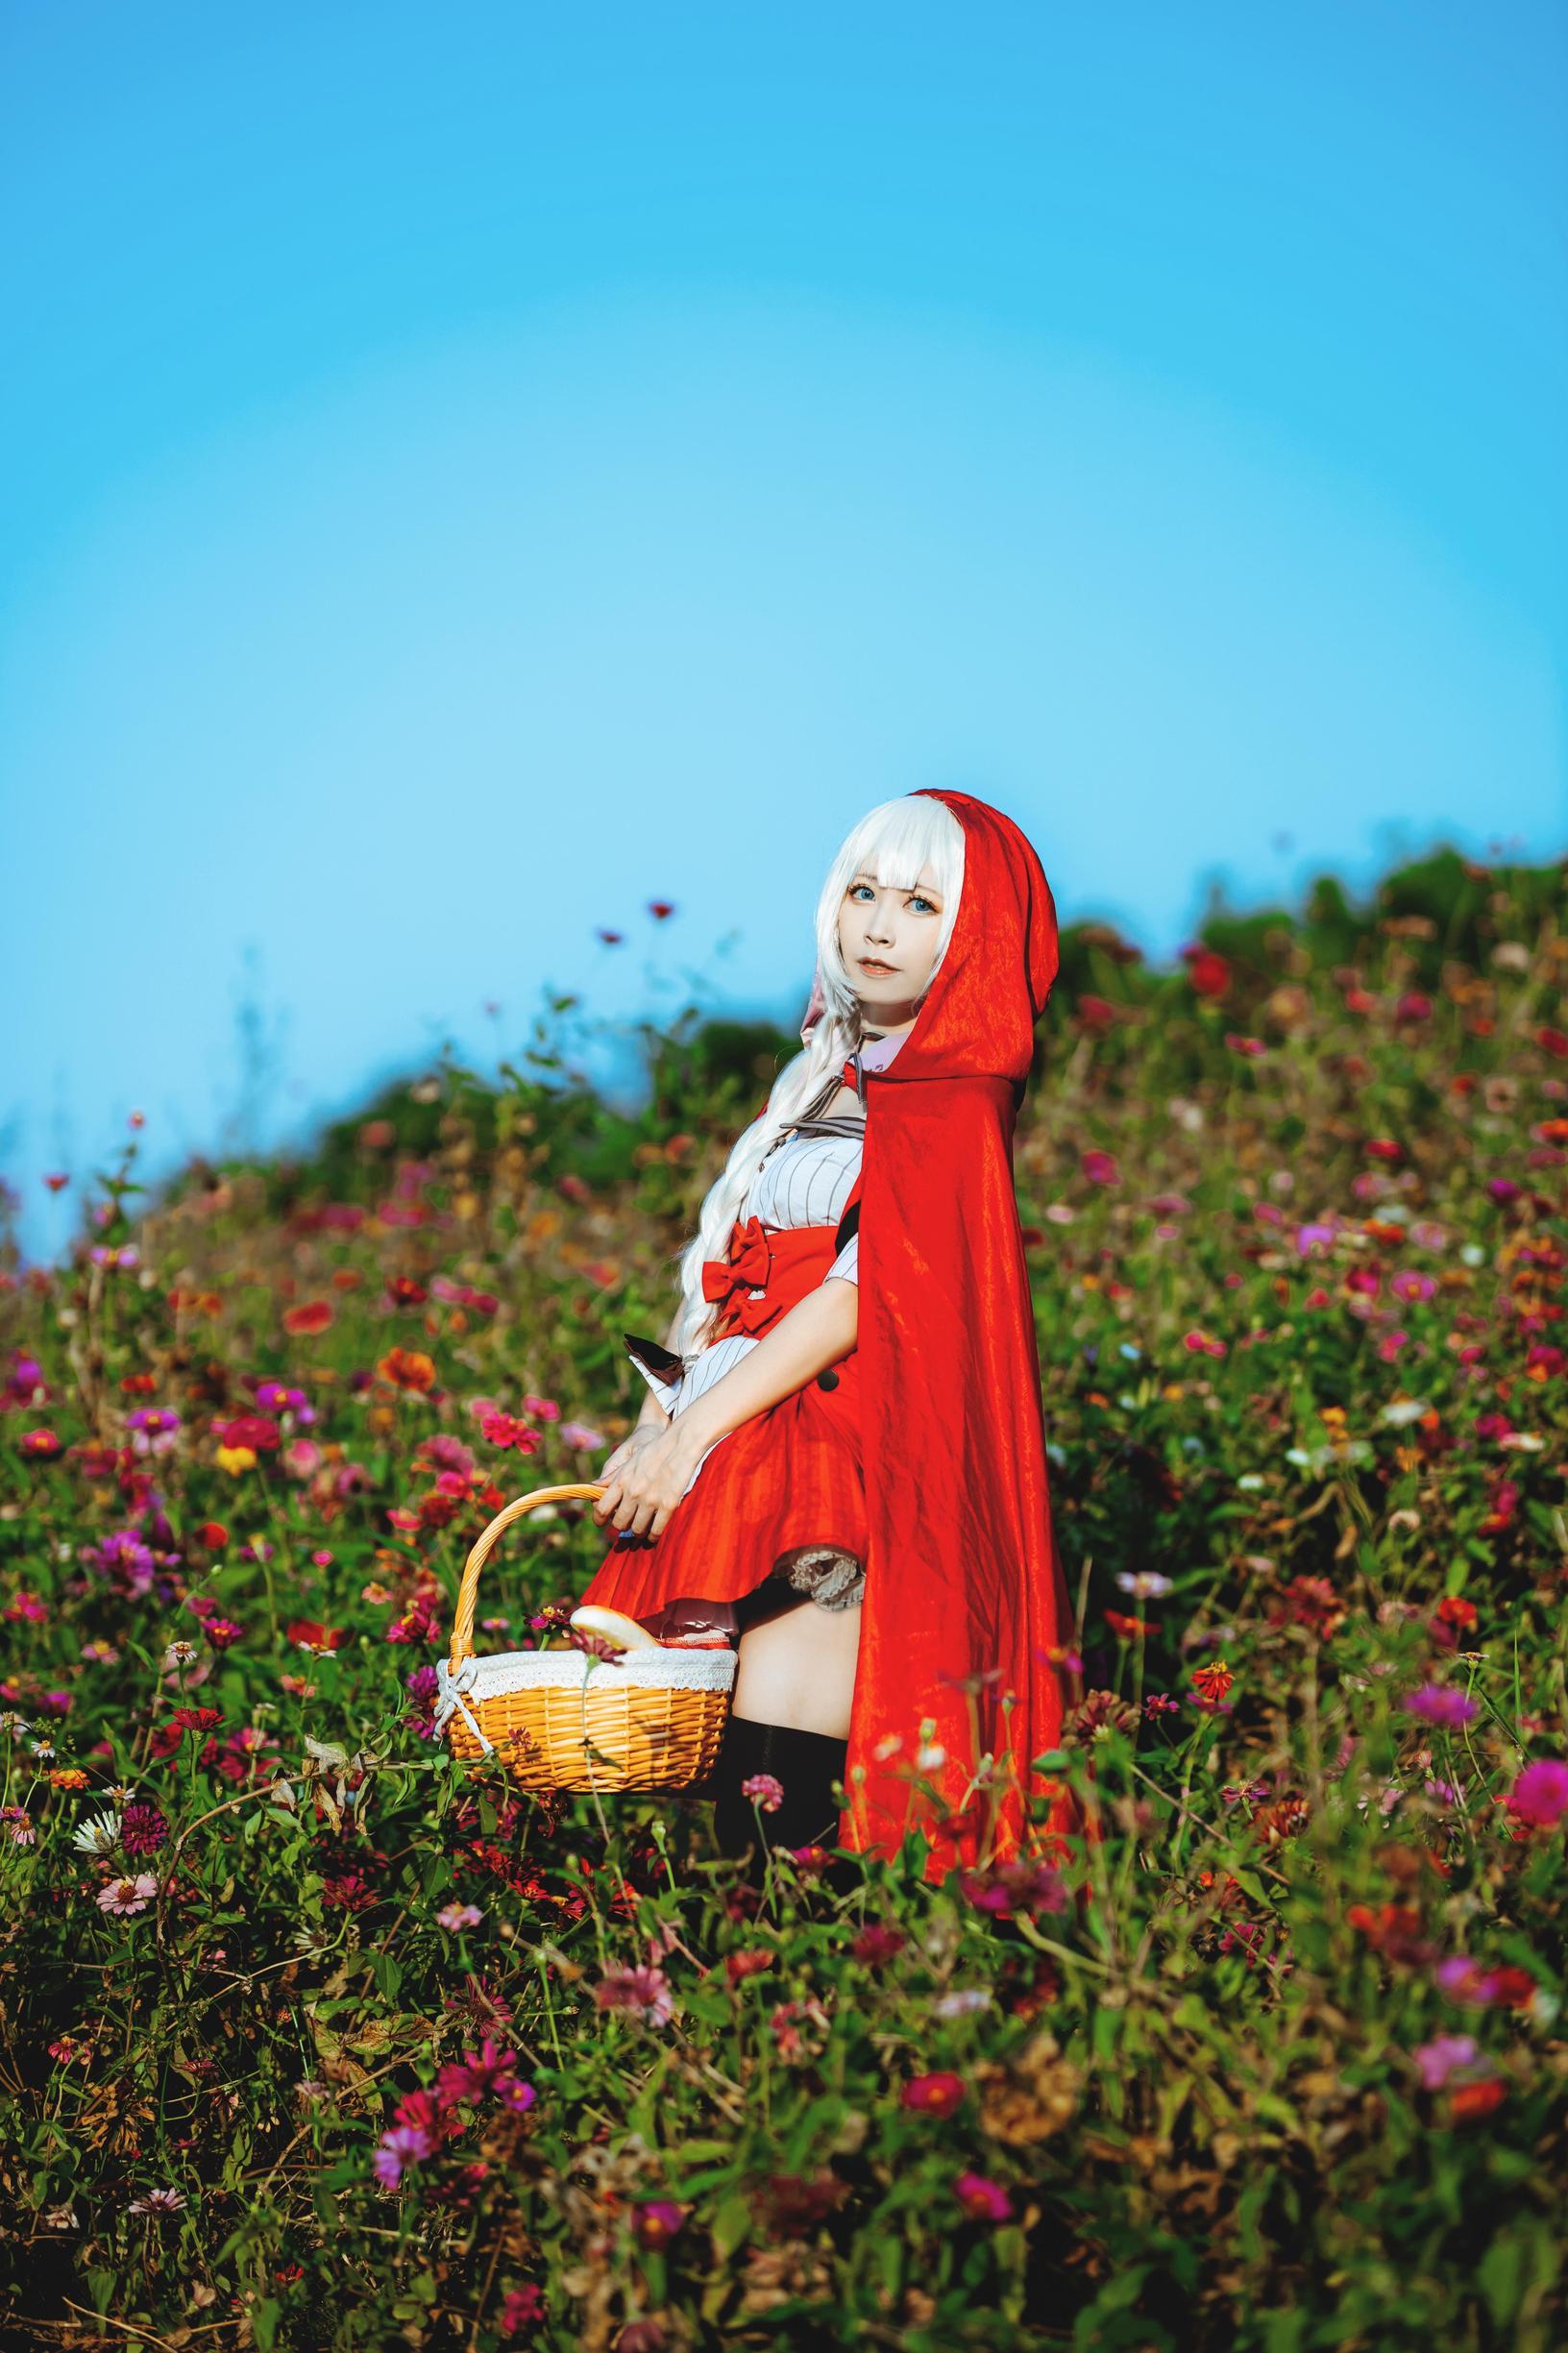 《FATE/GRAND ORDER》正片cosplay【CN:Xxyao】-第9张